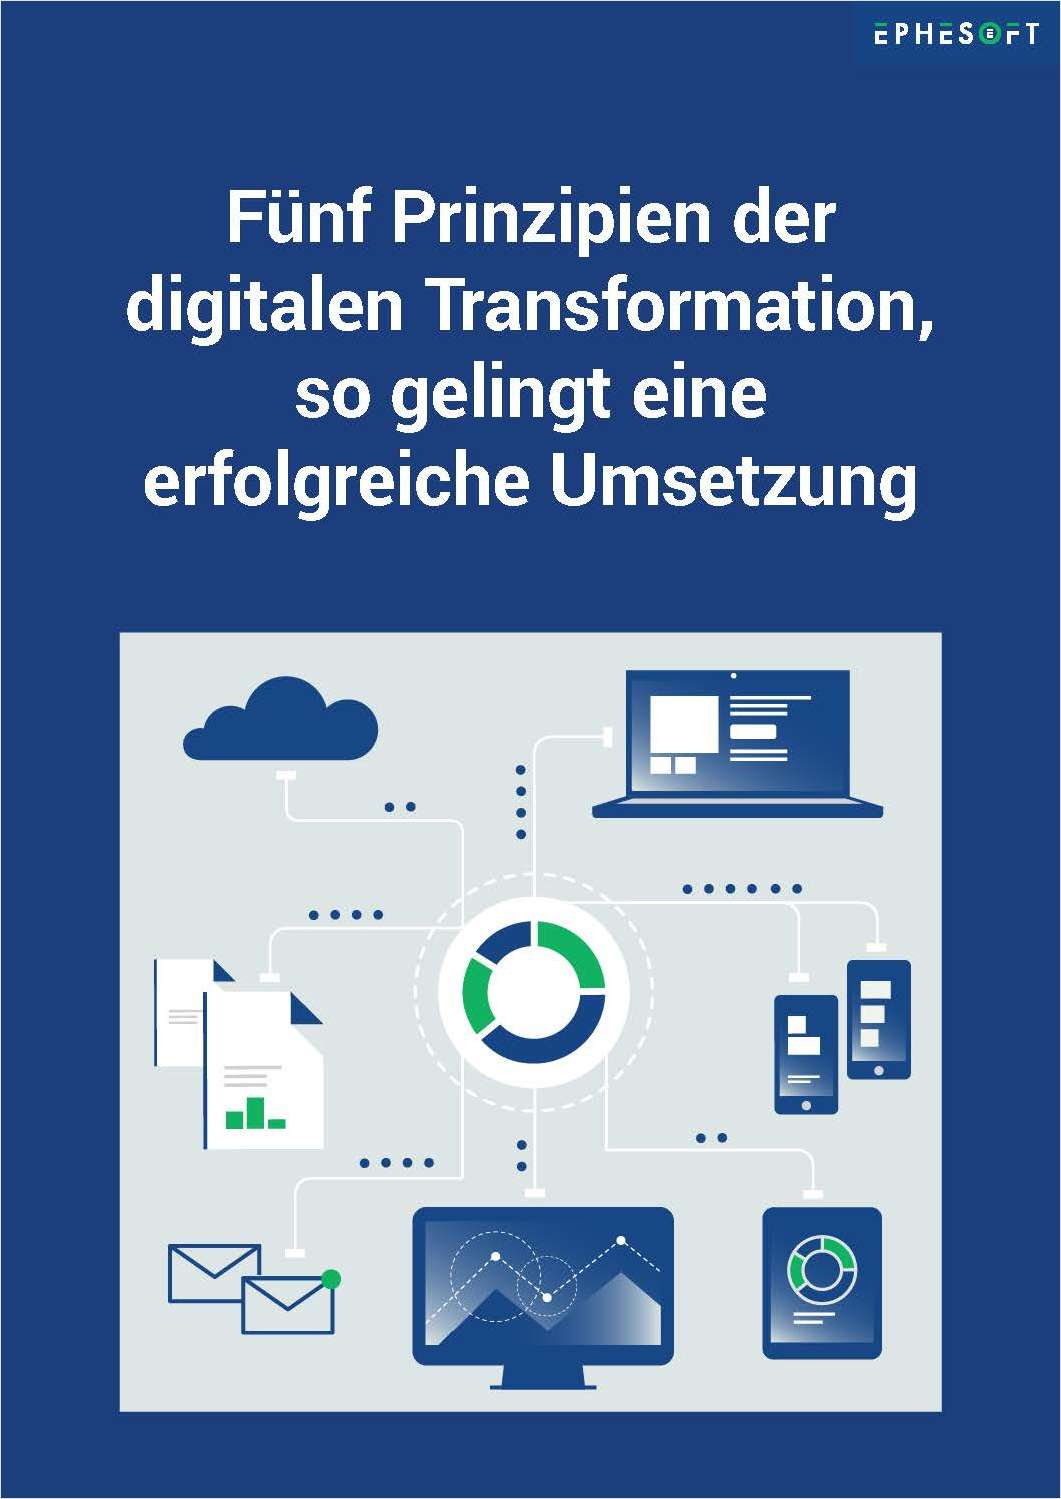 Fünf Prinzipien der digitalen Transformation, so gelingt eine erfolgreiche Umsetzung